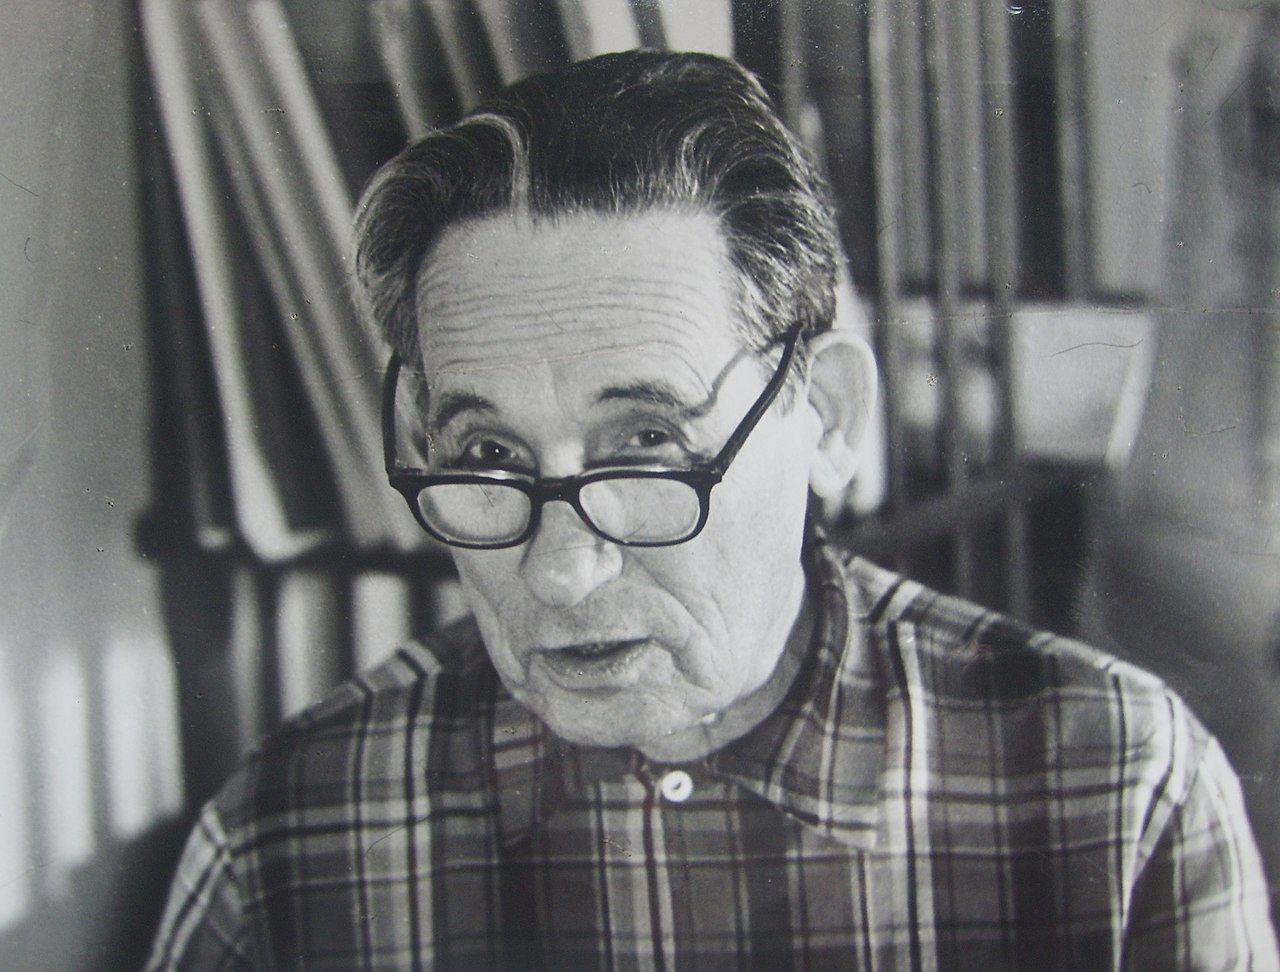 Адриан Митрофанович Топоров (1891 — 1984) — советский писатель, литературный критик и публицист, просветитель, учитель, эсперантист. Автор книги «Крестьяне о писателях» (1930). / wikipedia.org